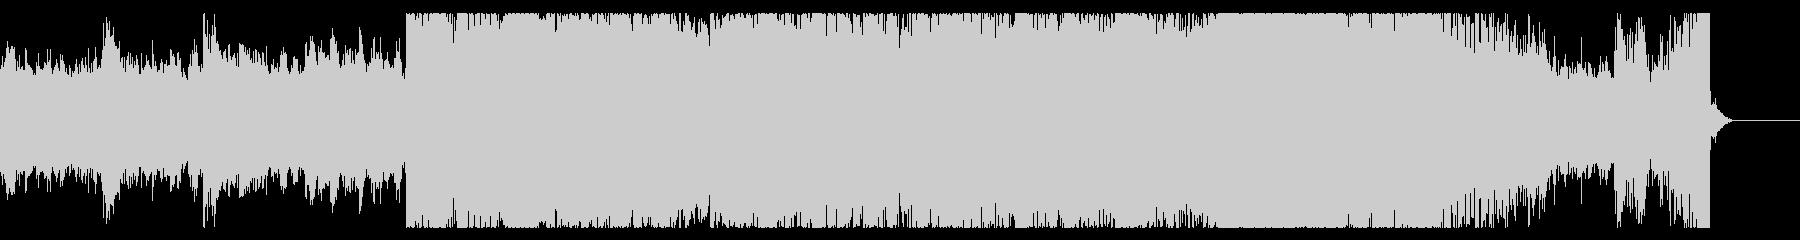 渦巻に吸い込まれるイメージのジングルの未再生の波形